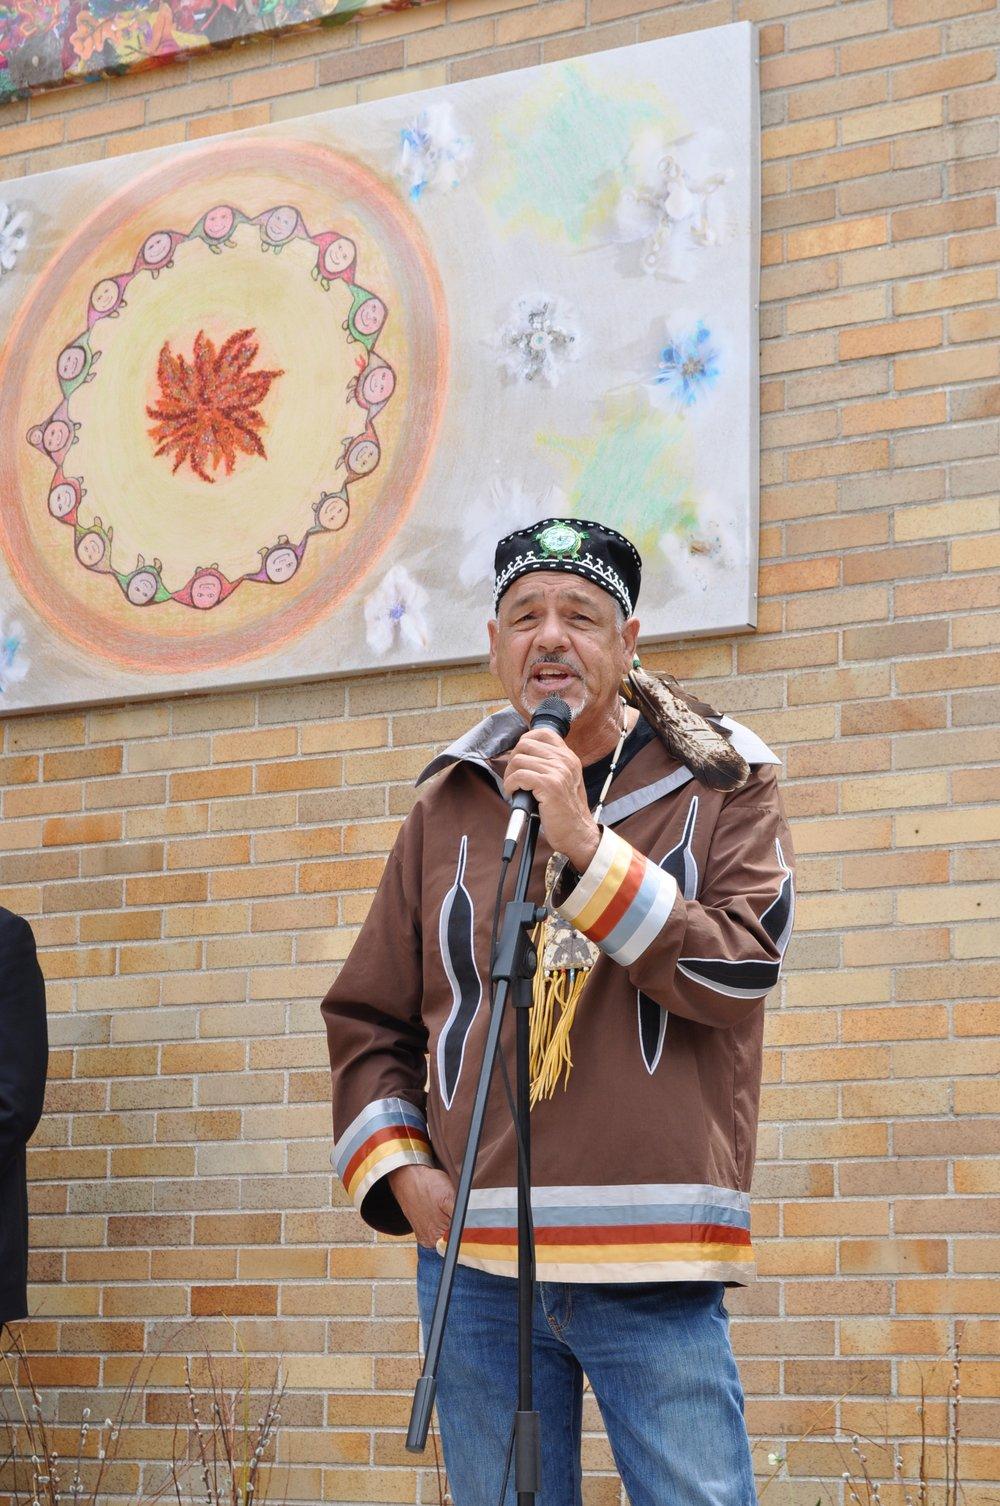 Albert Dumont - L'Algonquin conseiller spirituel et l'artiste ont invité les élèves de l'école Pleasant Park à créer une murale d'art à quatre panneaux représentant les quatre saisons. Sa contribution nous a aidés à créer un symbole durable d'unité dans notre communauté.